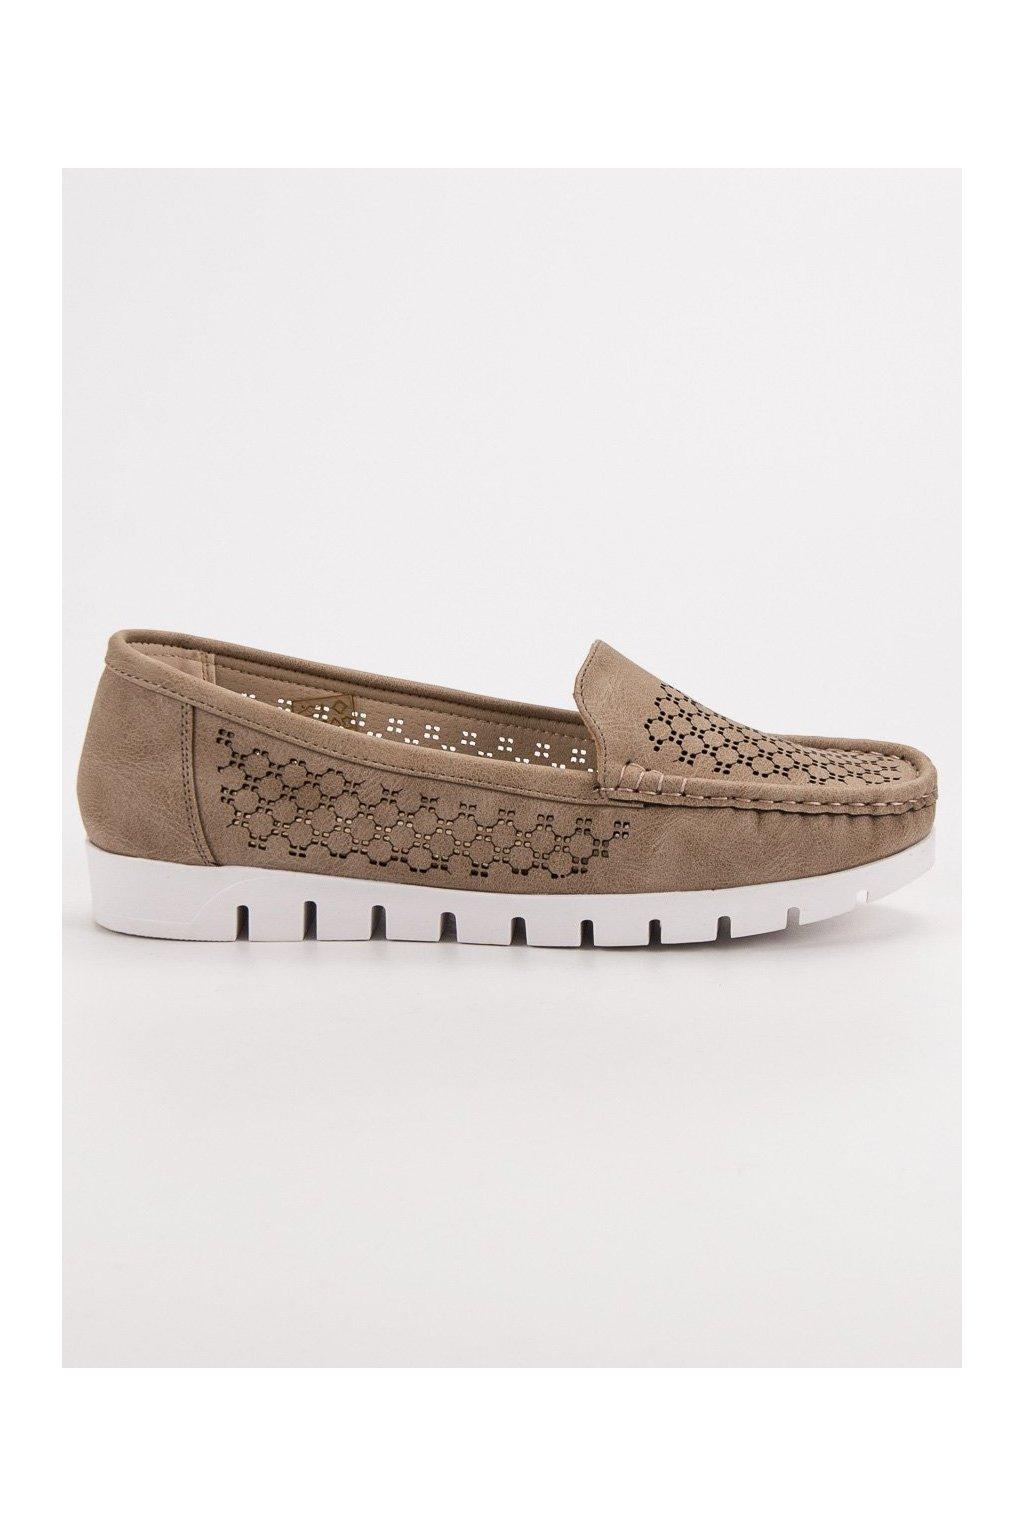 fb6230afe5 ccc obuv mokasiny